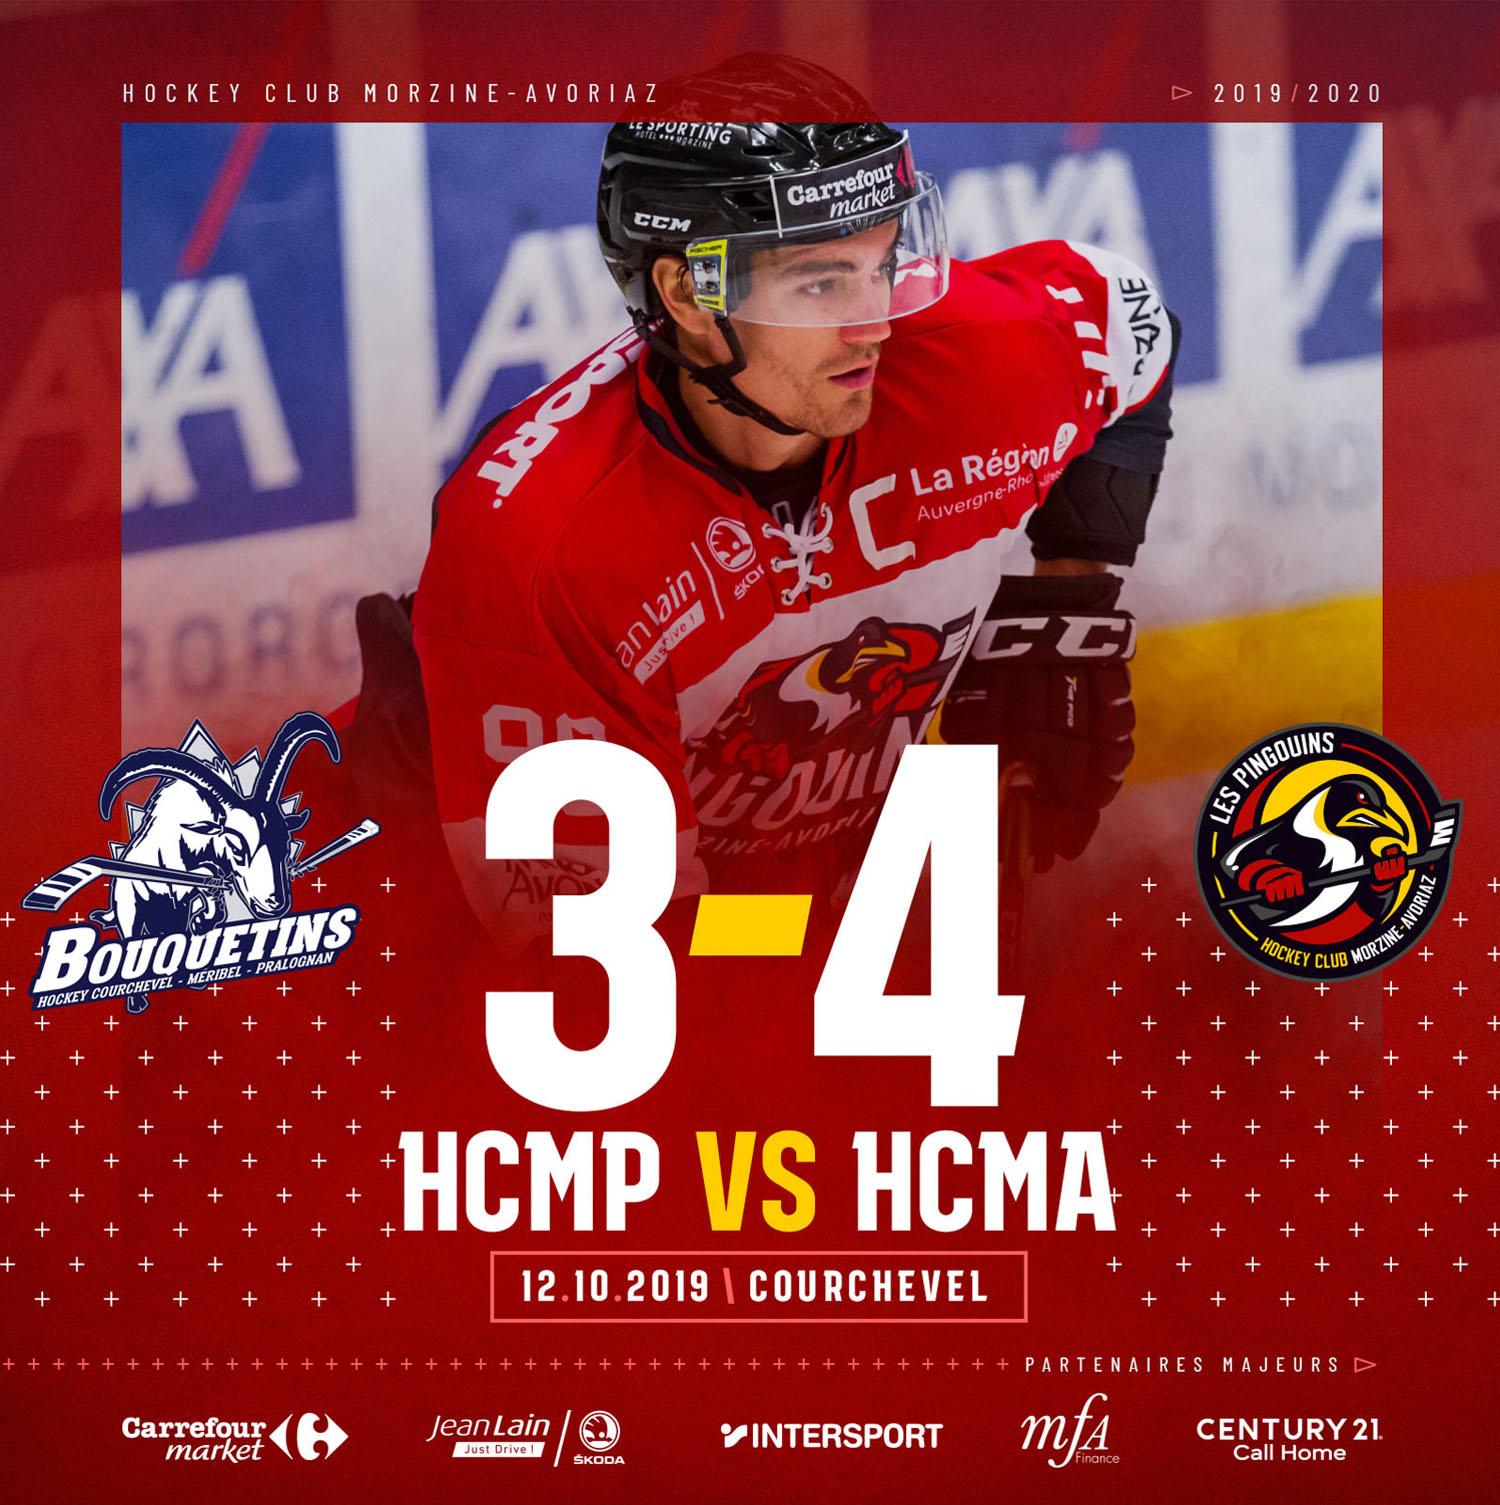 HCMP vs HCMA